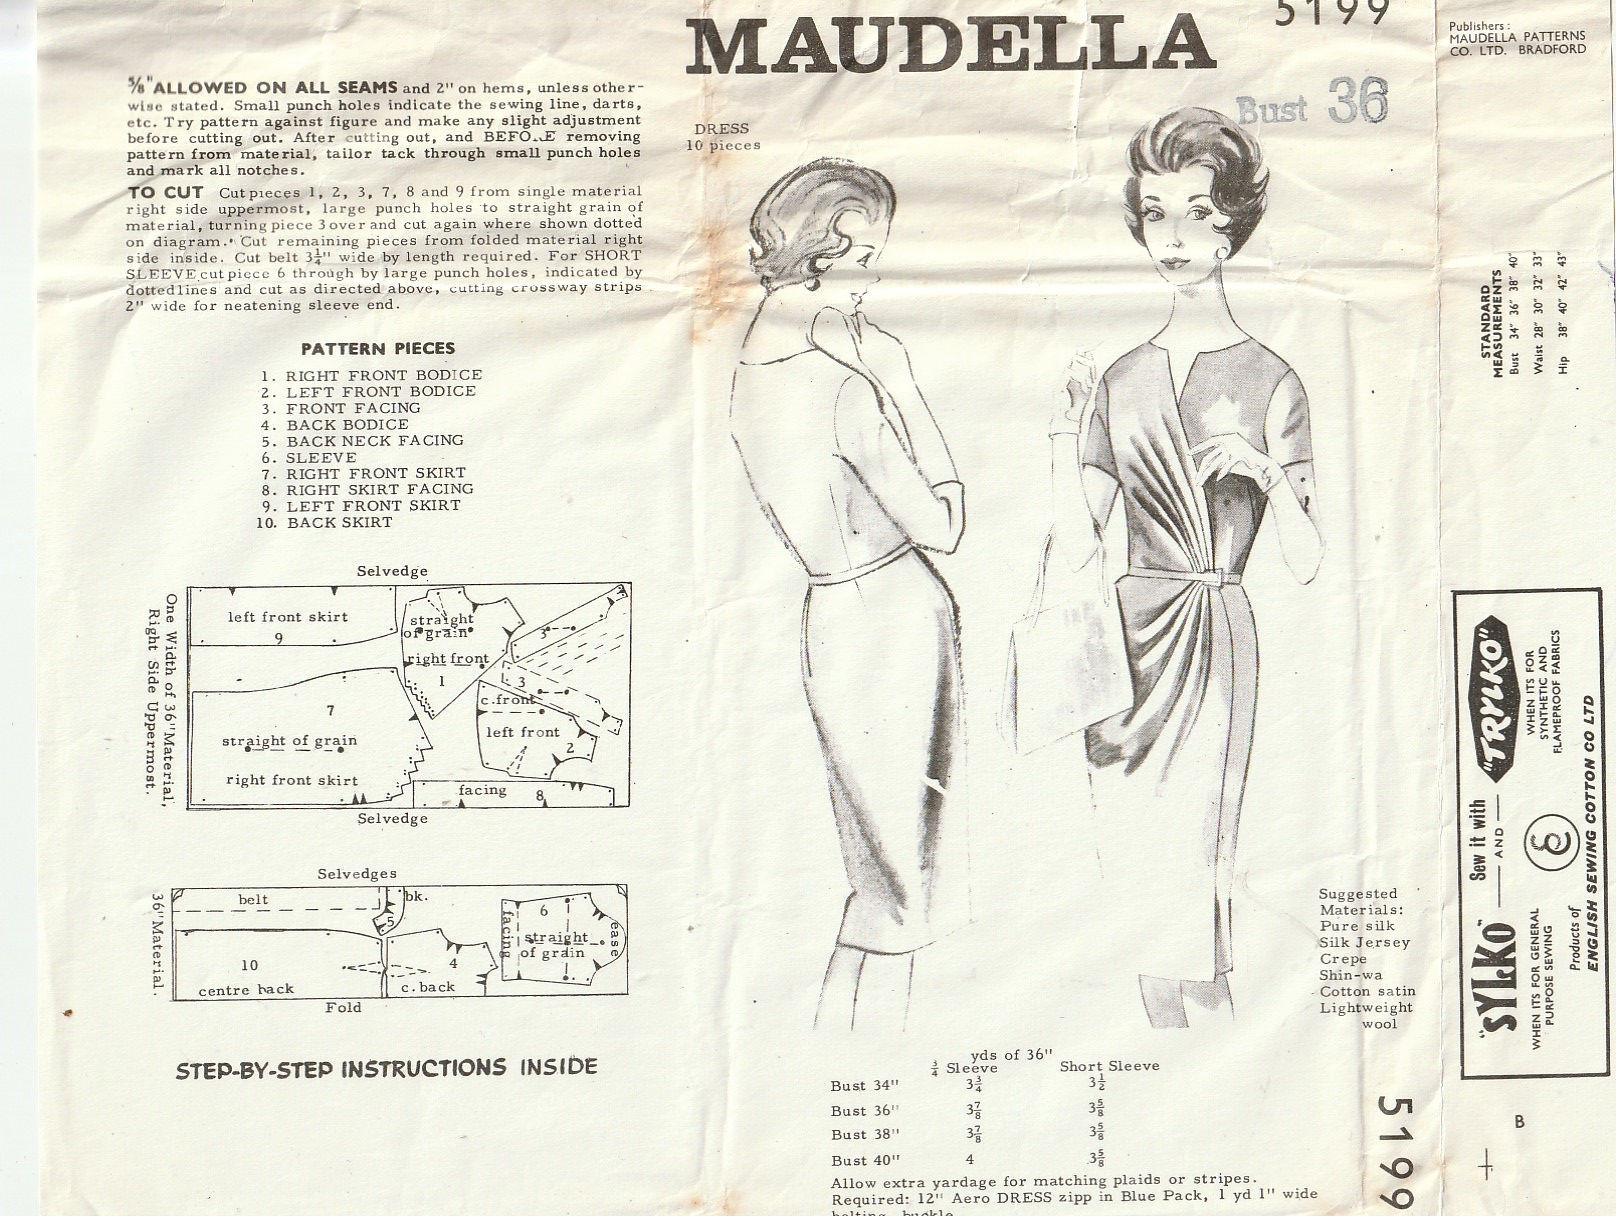 Maudella 5199